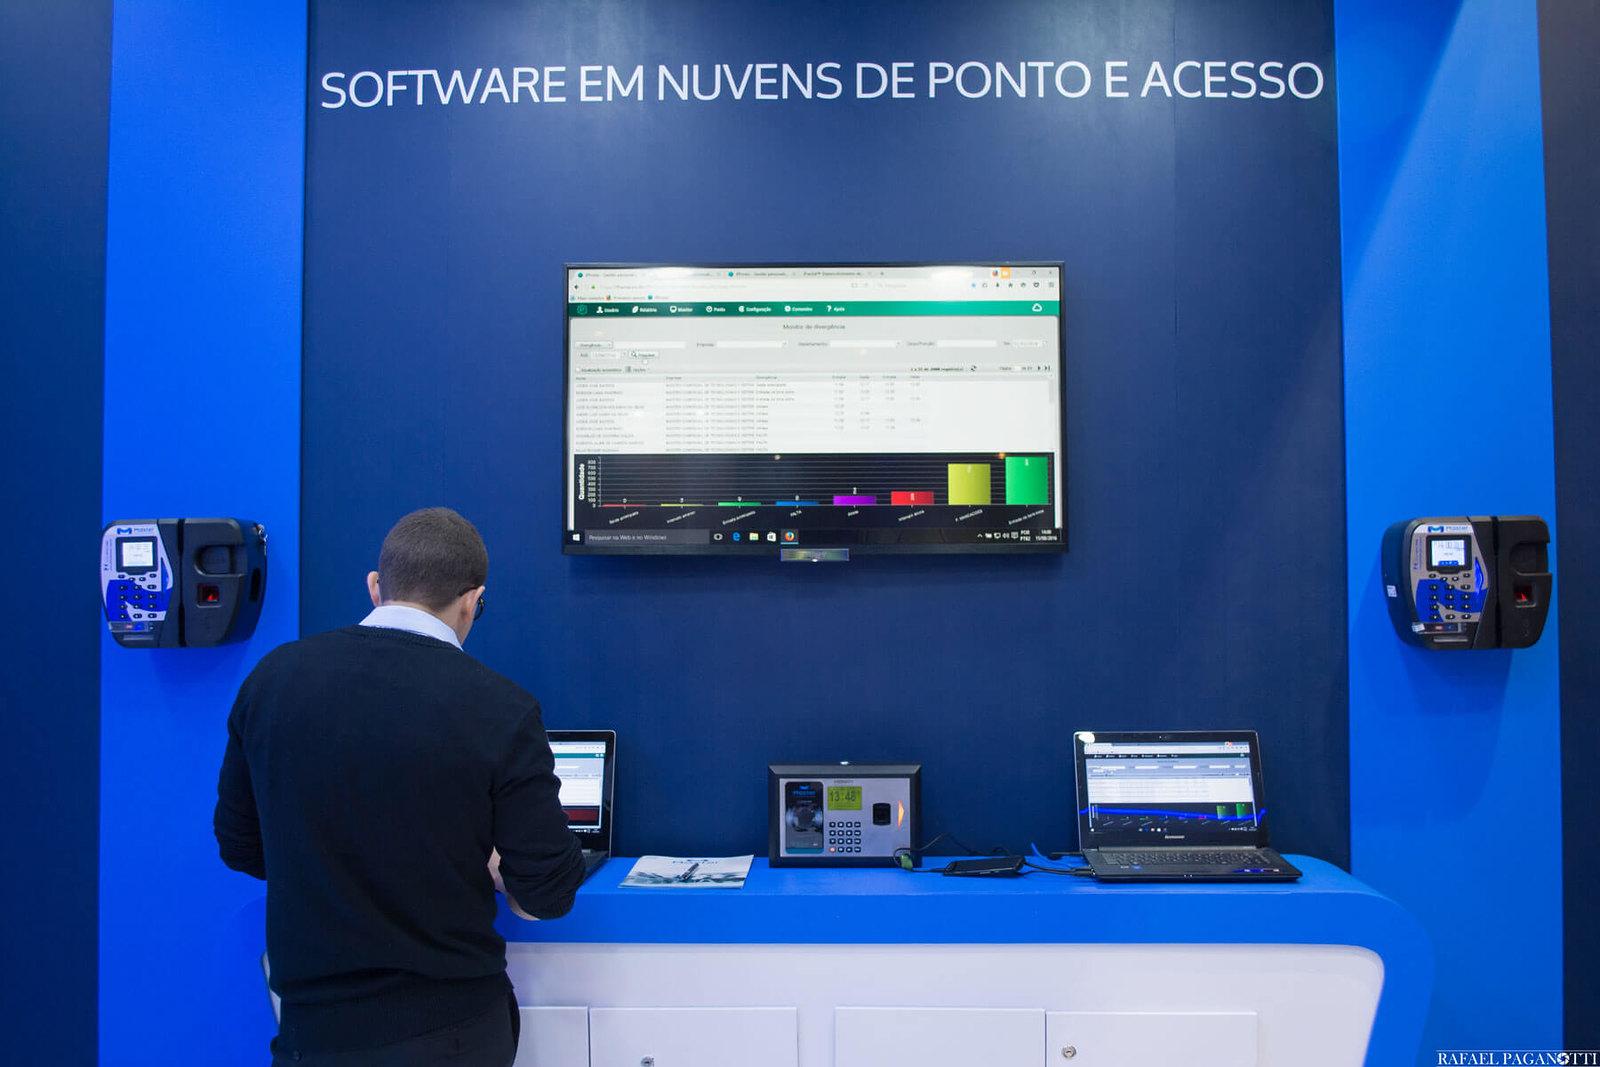 Software-em-nuvens